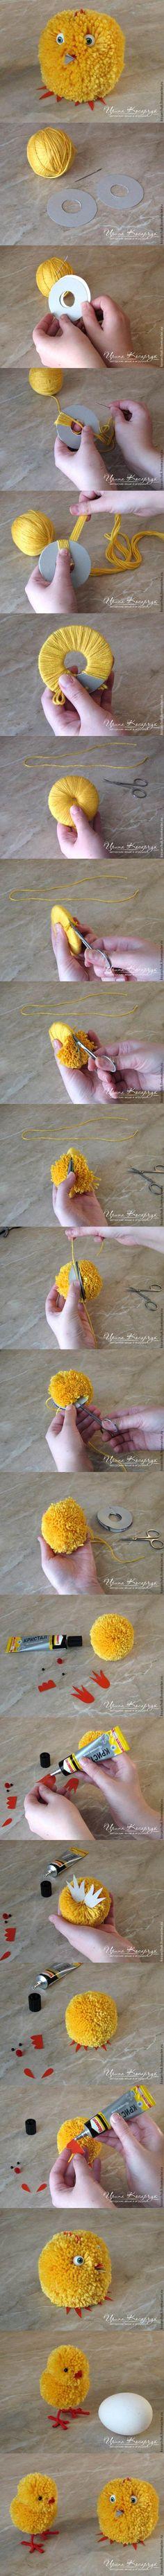 DIY Adorable Pom-Pom Easter Chicks